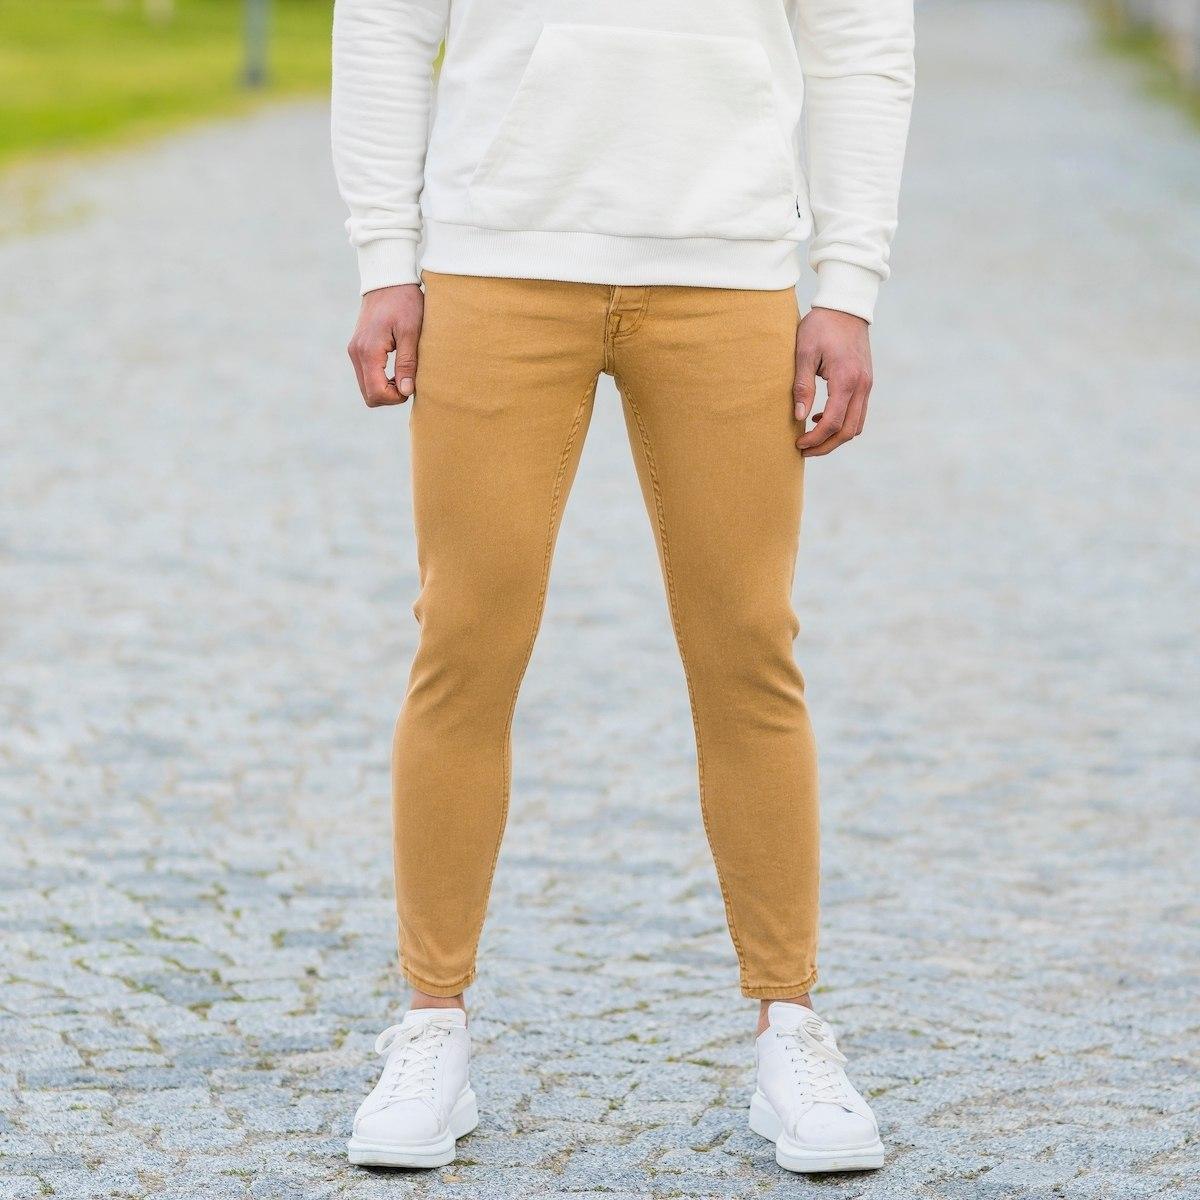 Men's Basic Skinny Jeans In Mustard